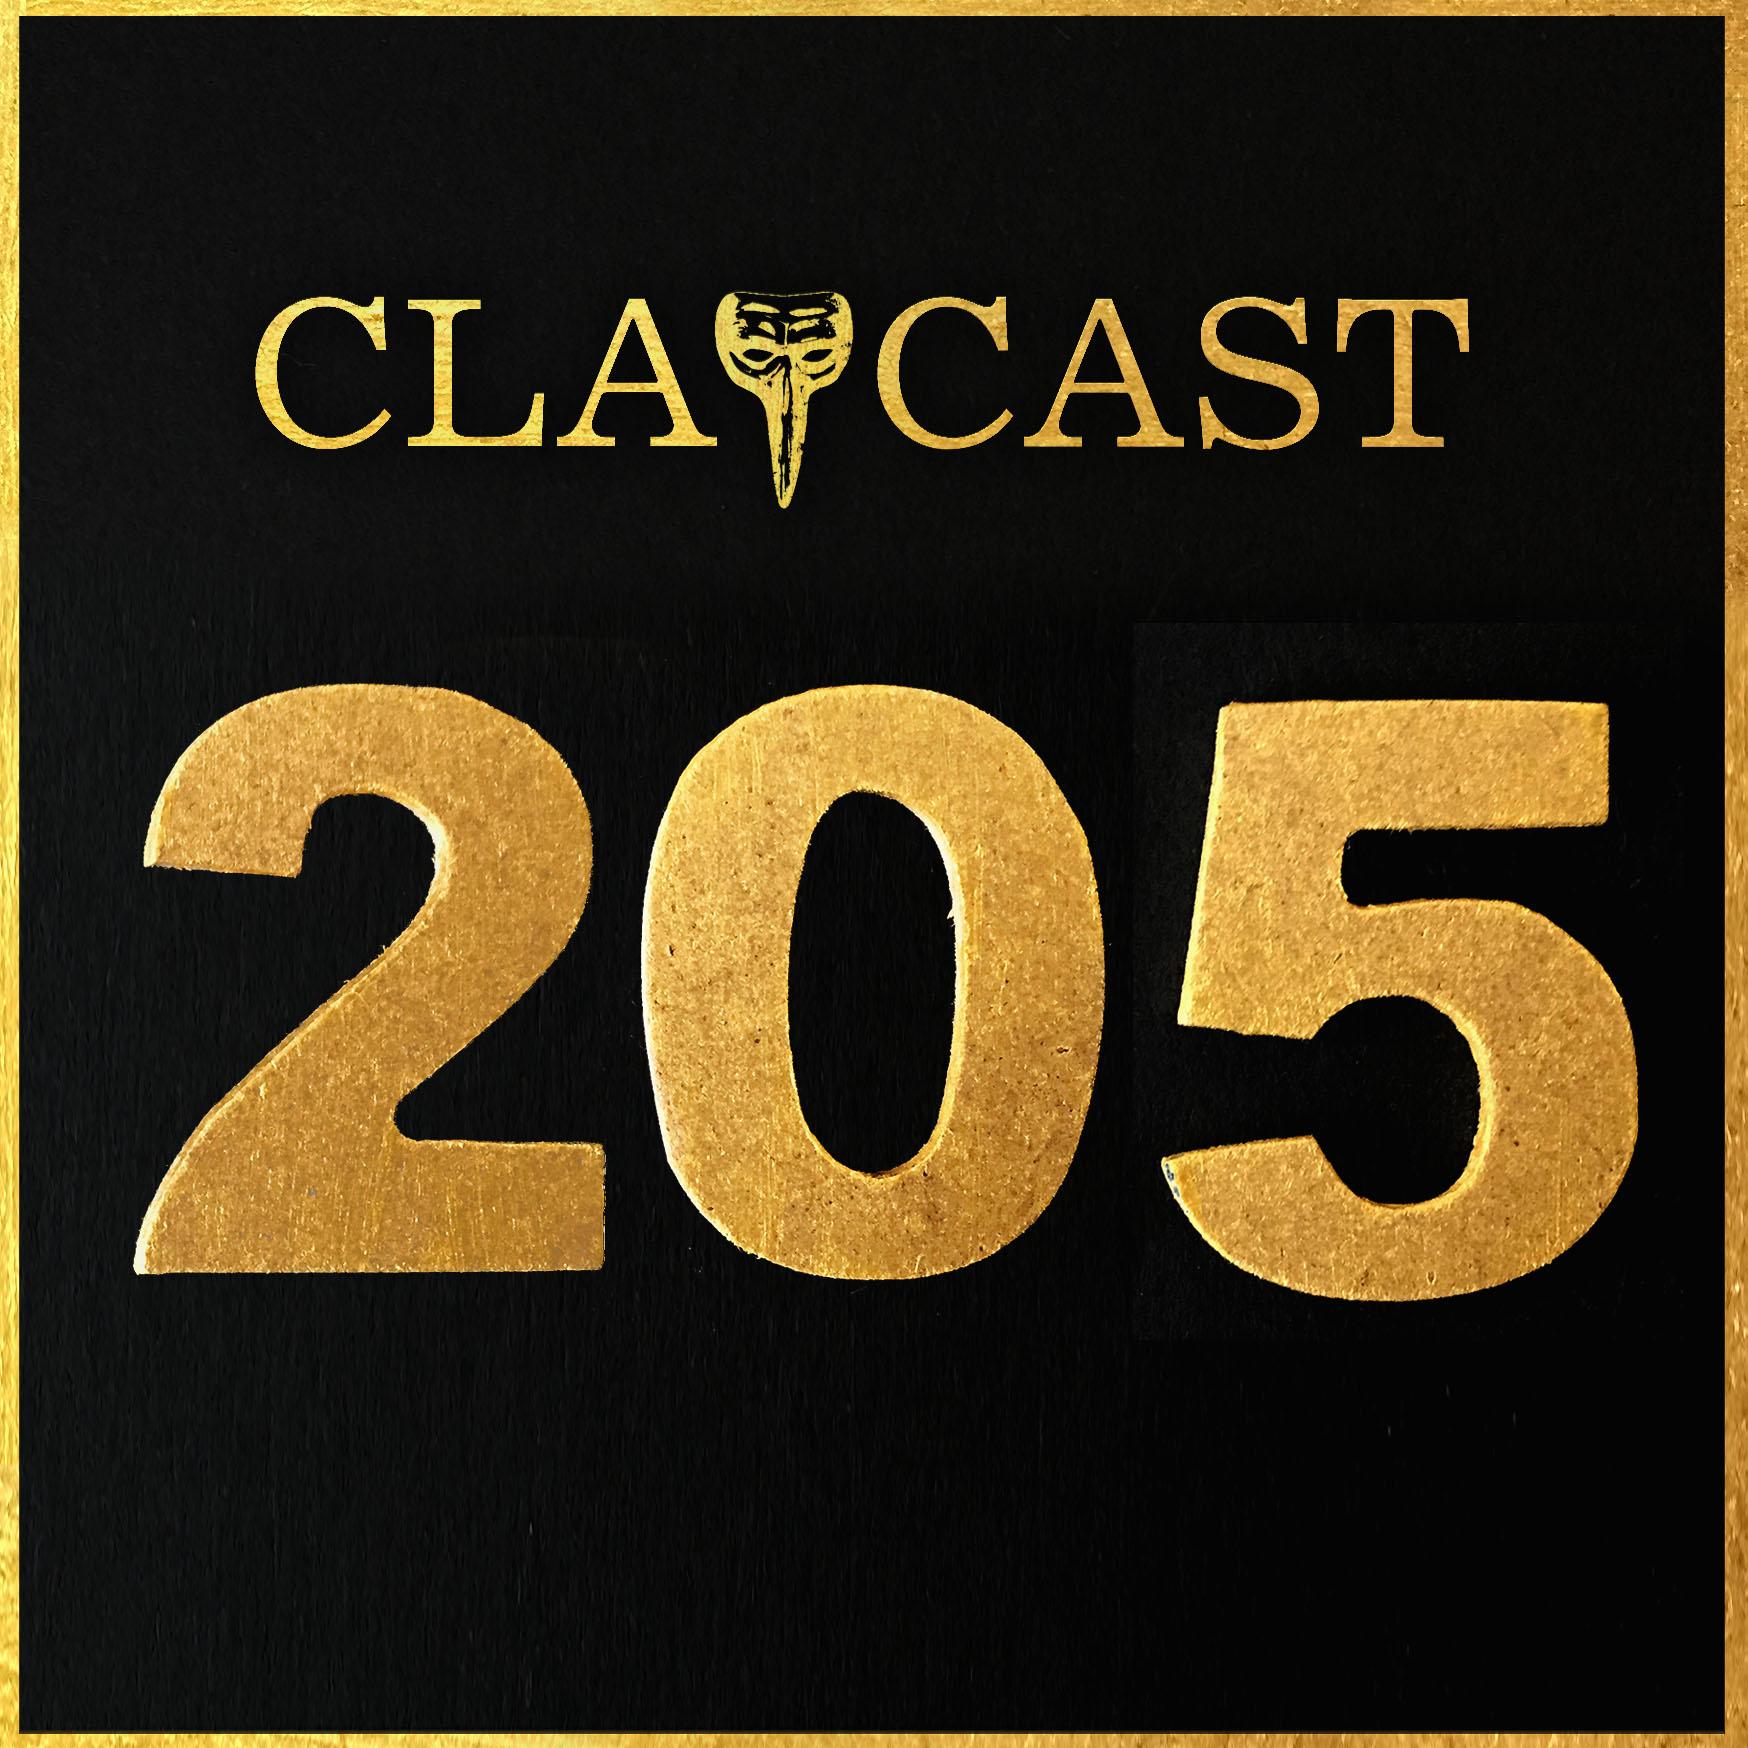 Clapcast 205